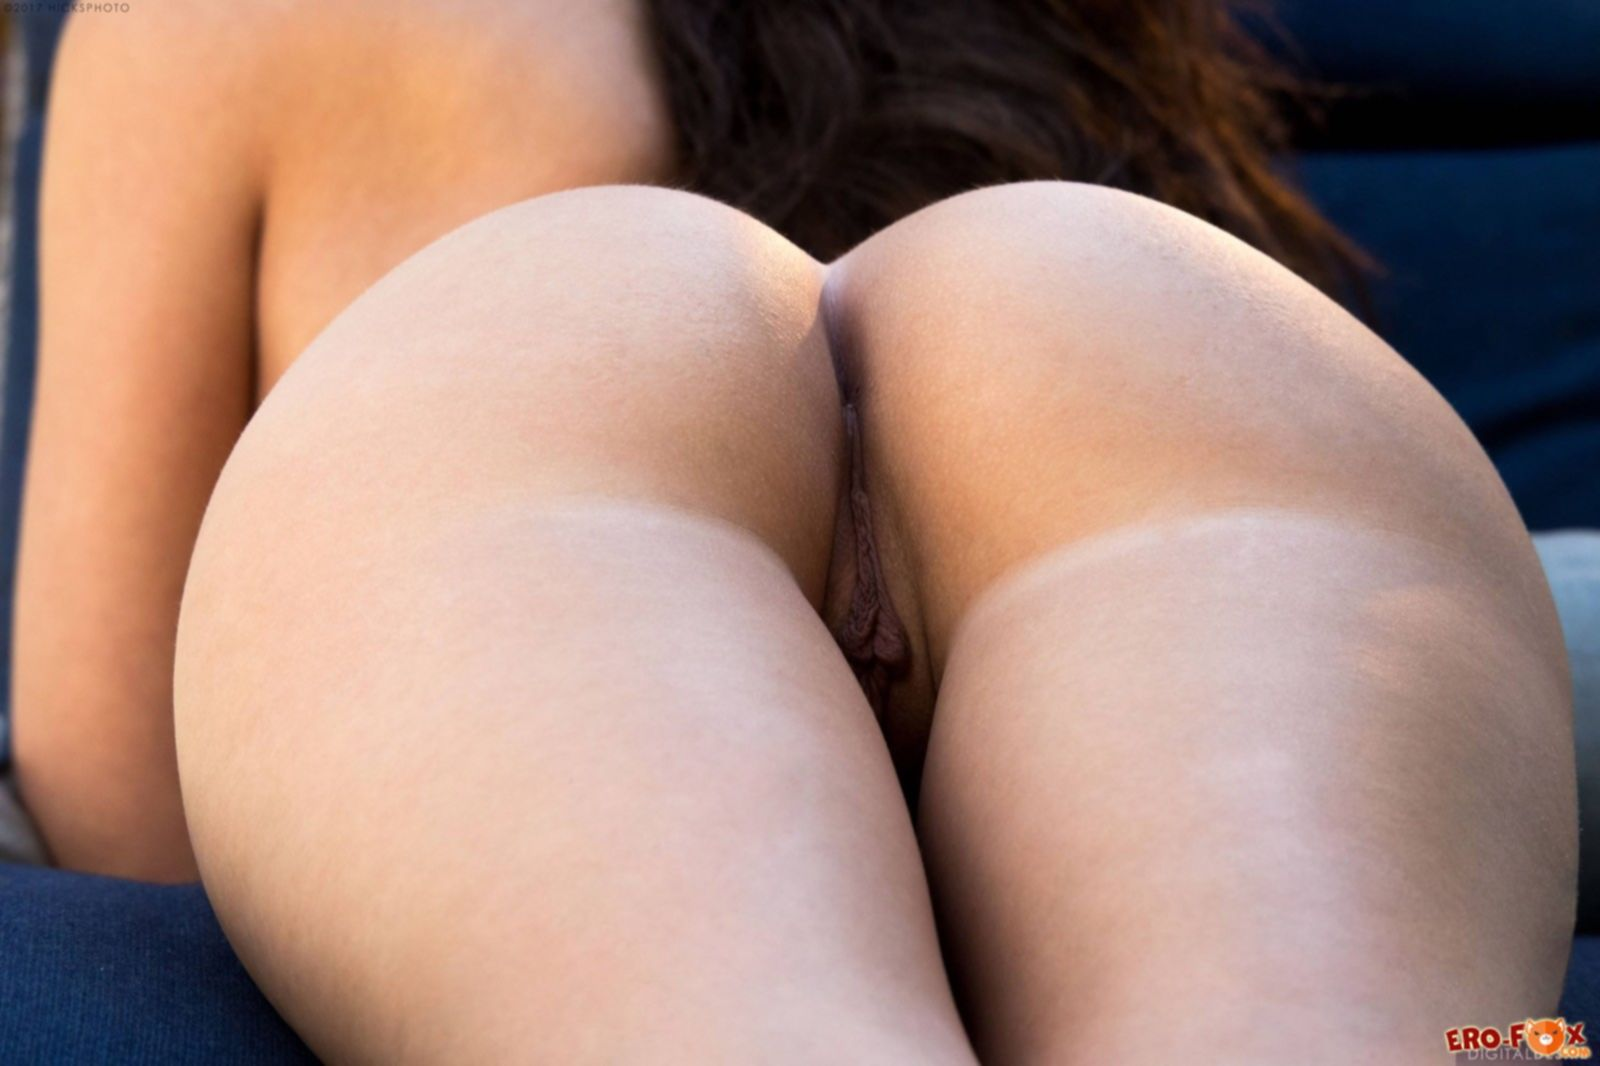 Красивая девушка с плоской грудью и накаченной попой - фото